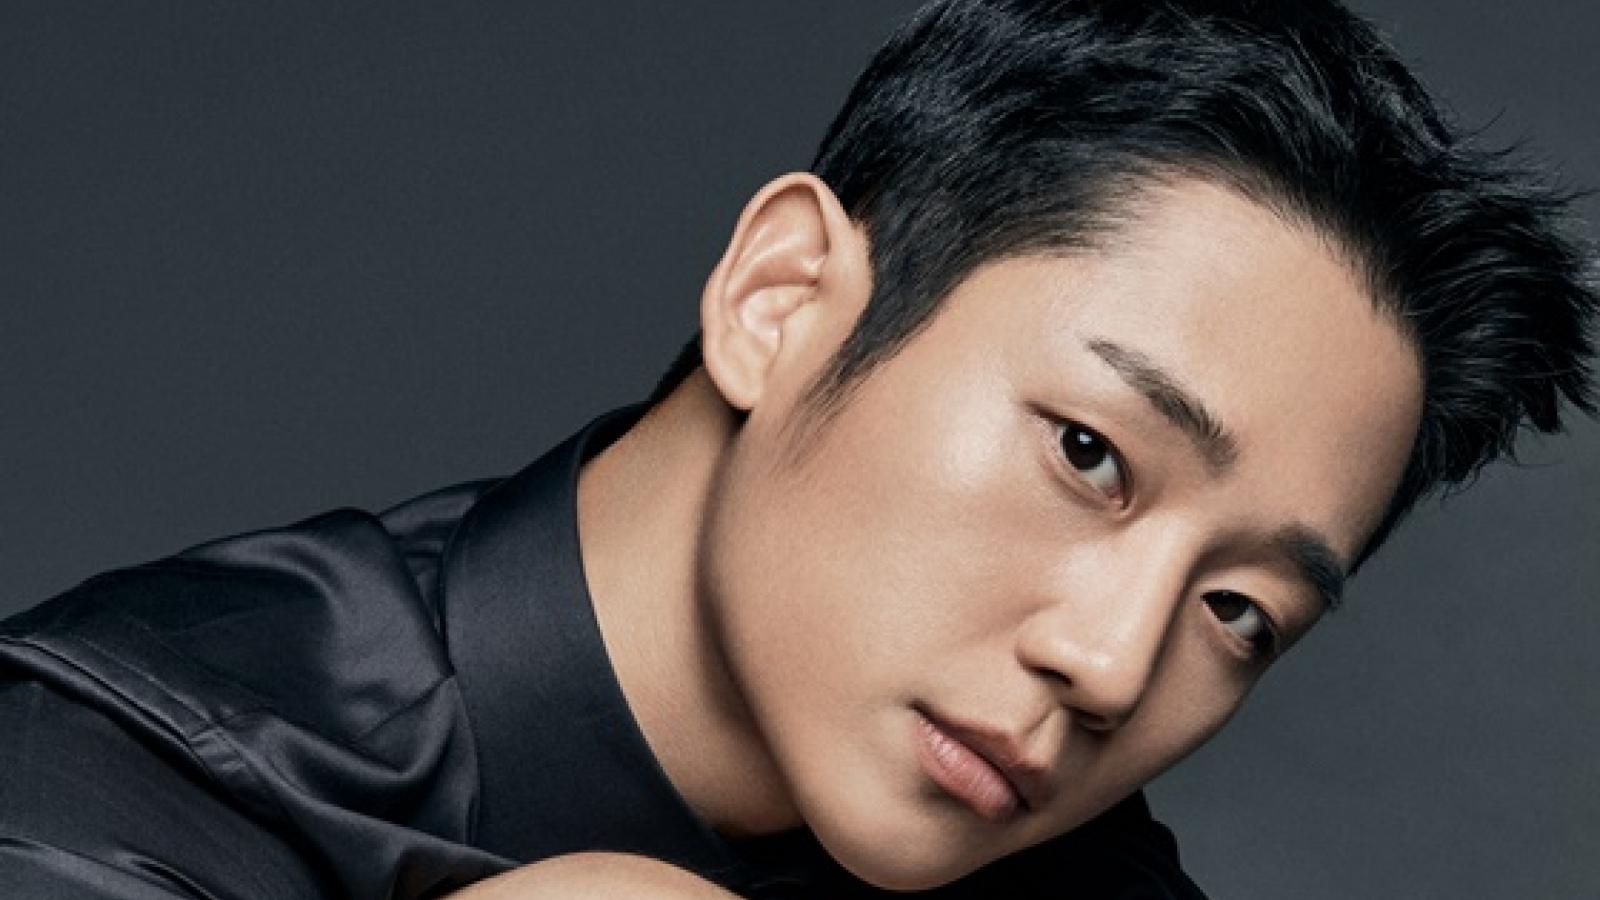 """Nam tài tử Jung Hae In: """"D.P."""" là cơ hội để nhìn lại chứng trầm cảm trong tôi"""""""